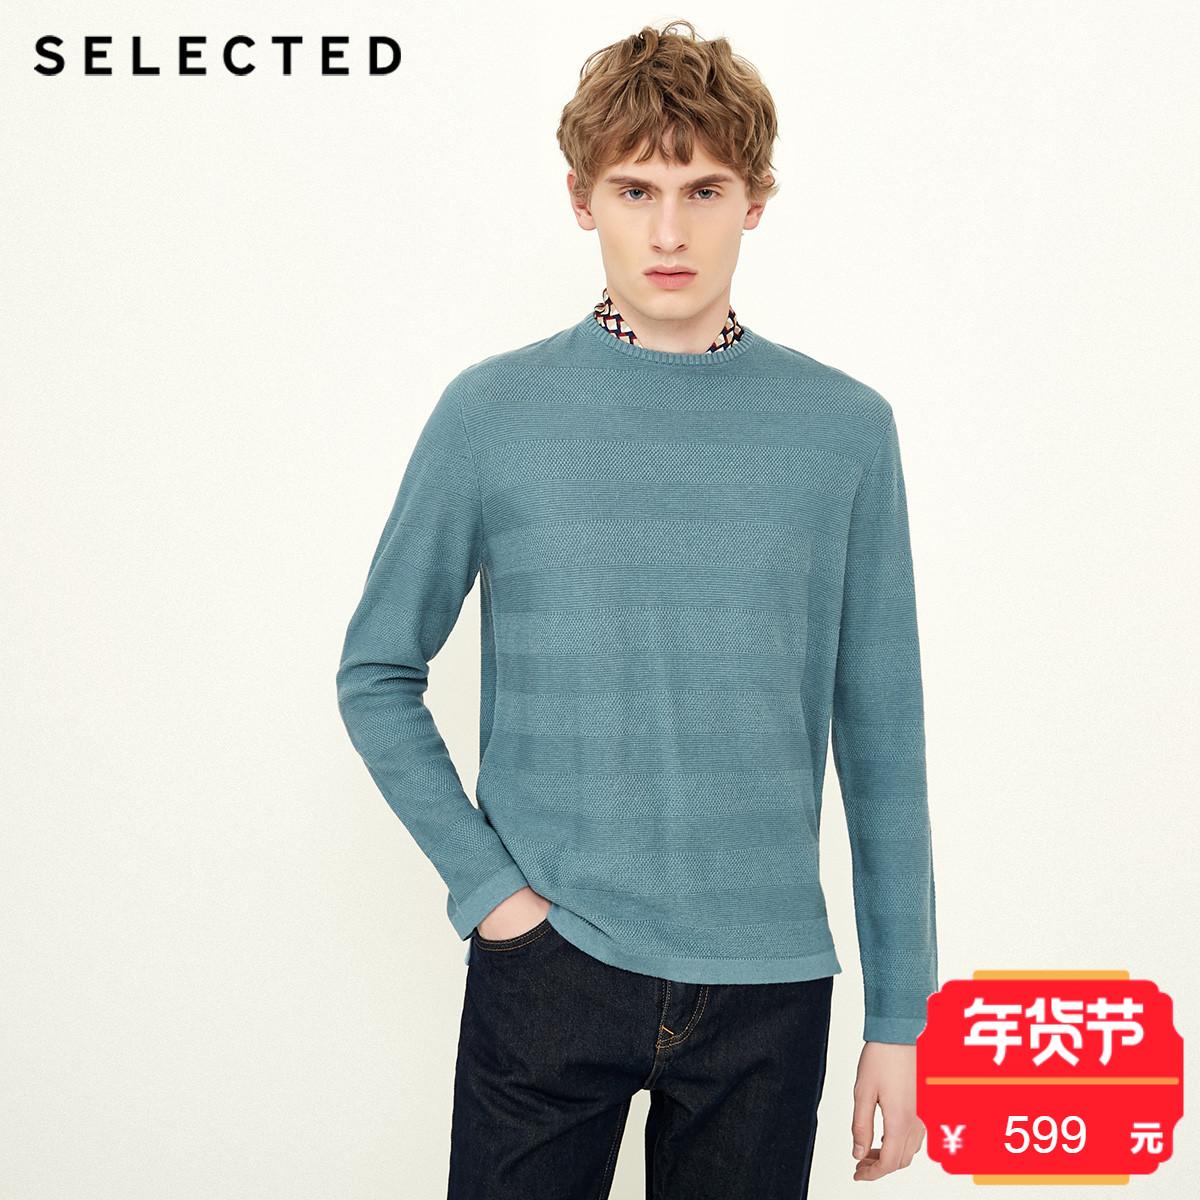 [800-80]SELECTED思莱德纯色商务休闲男毛衣针织衫S 418124538